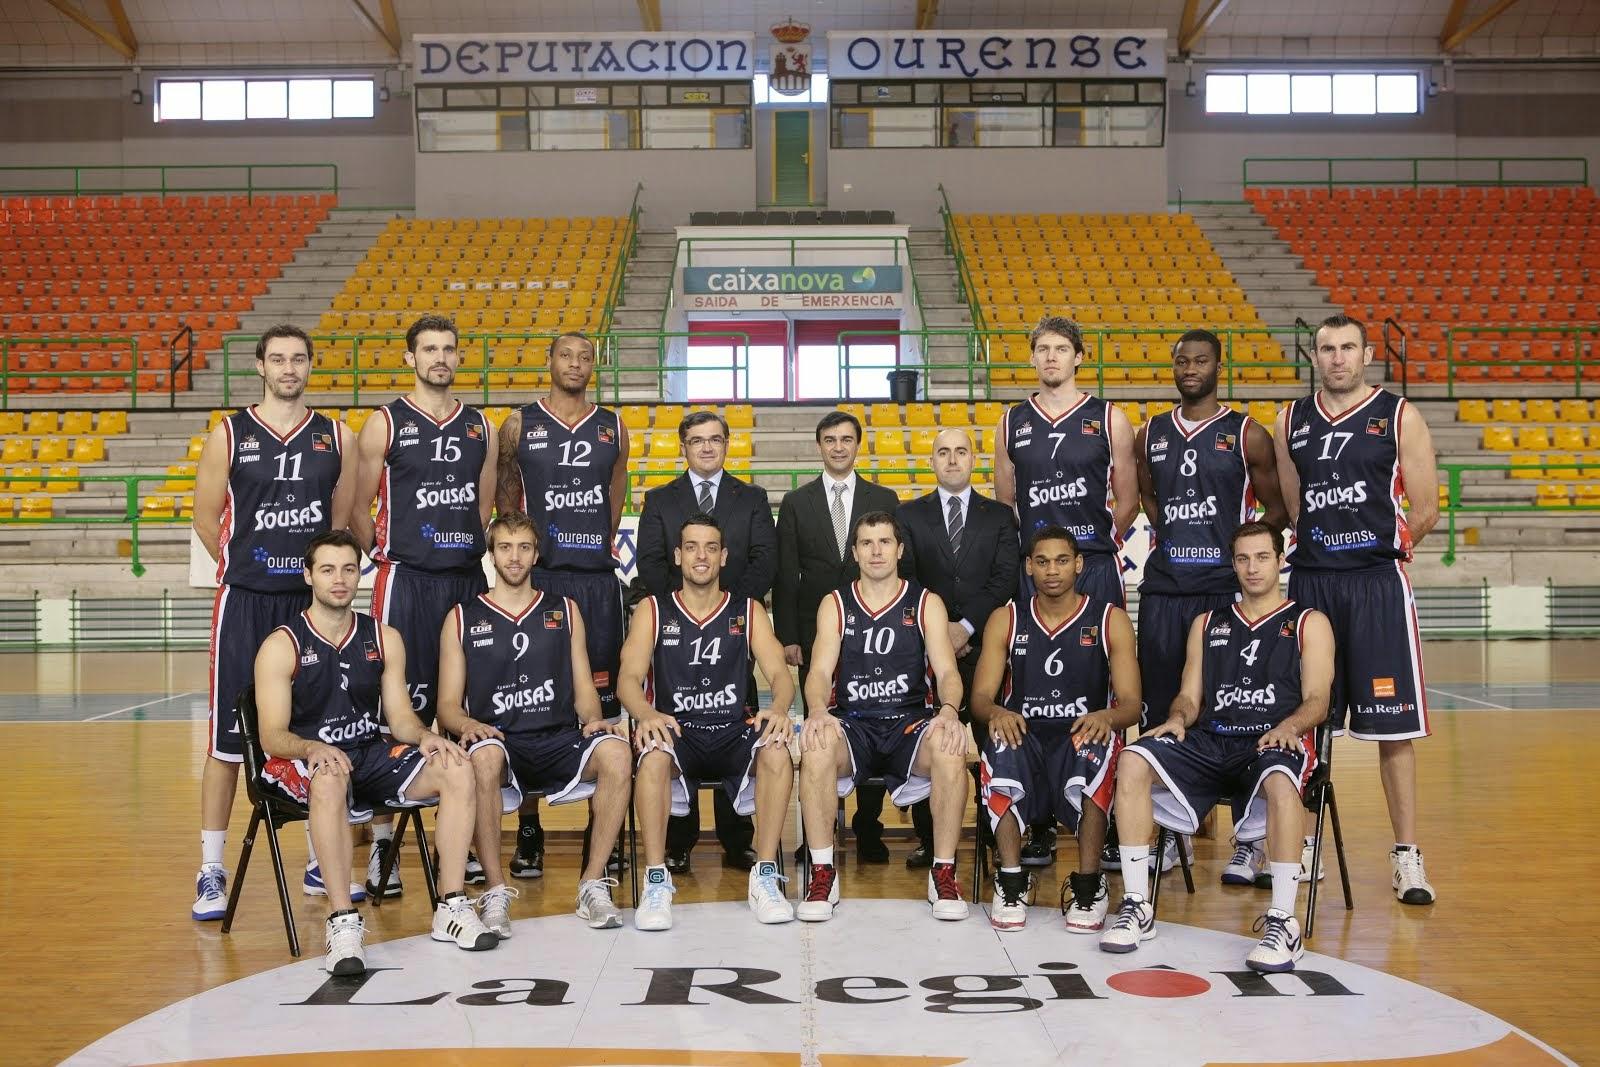 CLUB OURENSE B. 2009-2010. Liga LEB